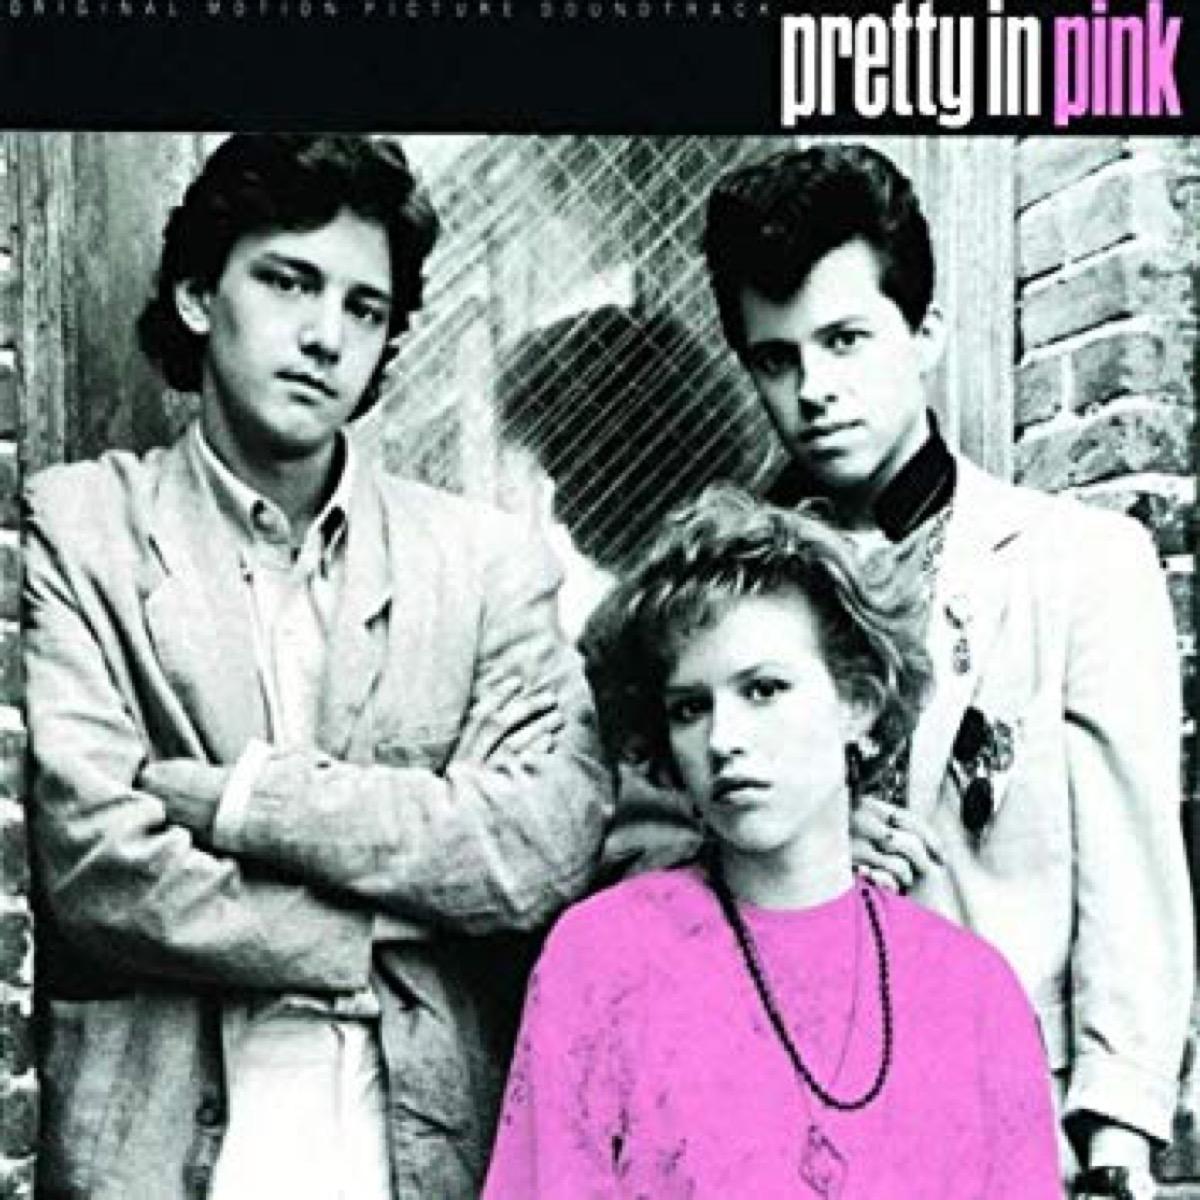 pretty in pink movie soundtrack album